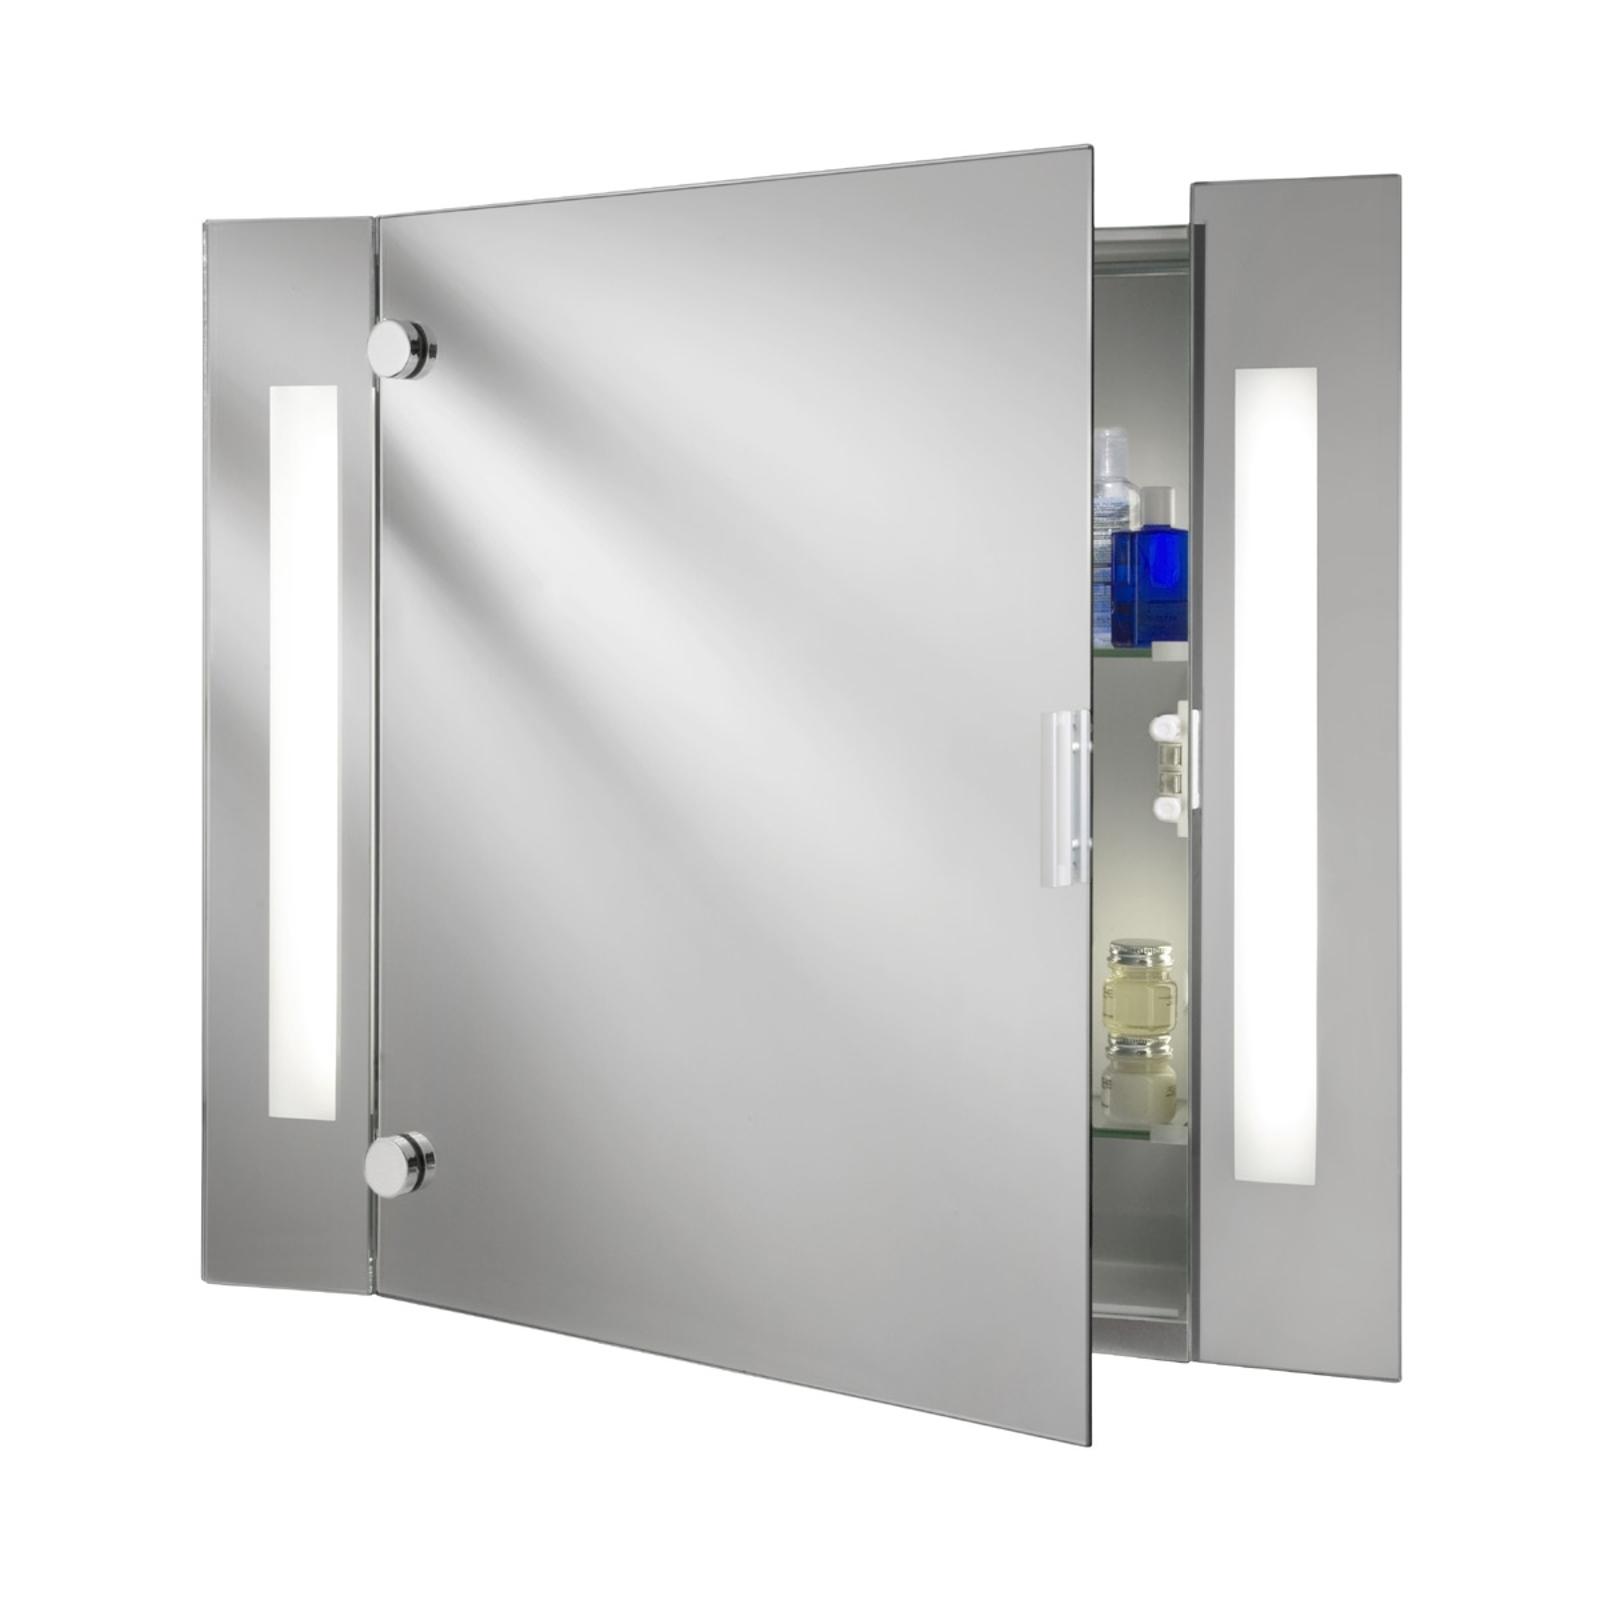 Moderne spiegelkast SILVA met verlichting